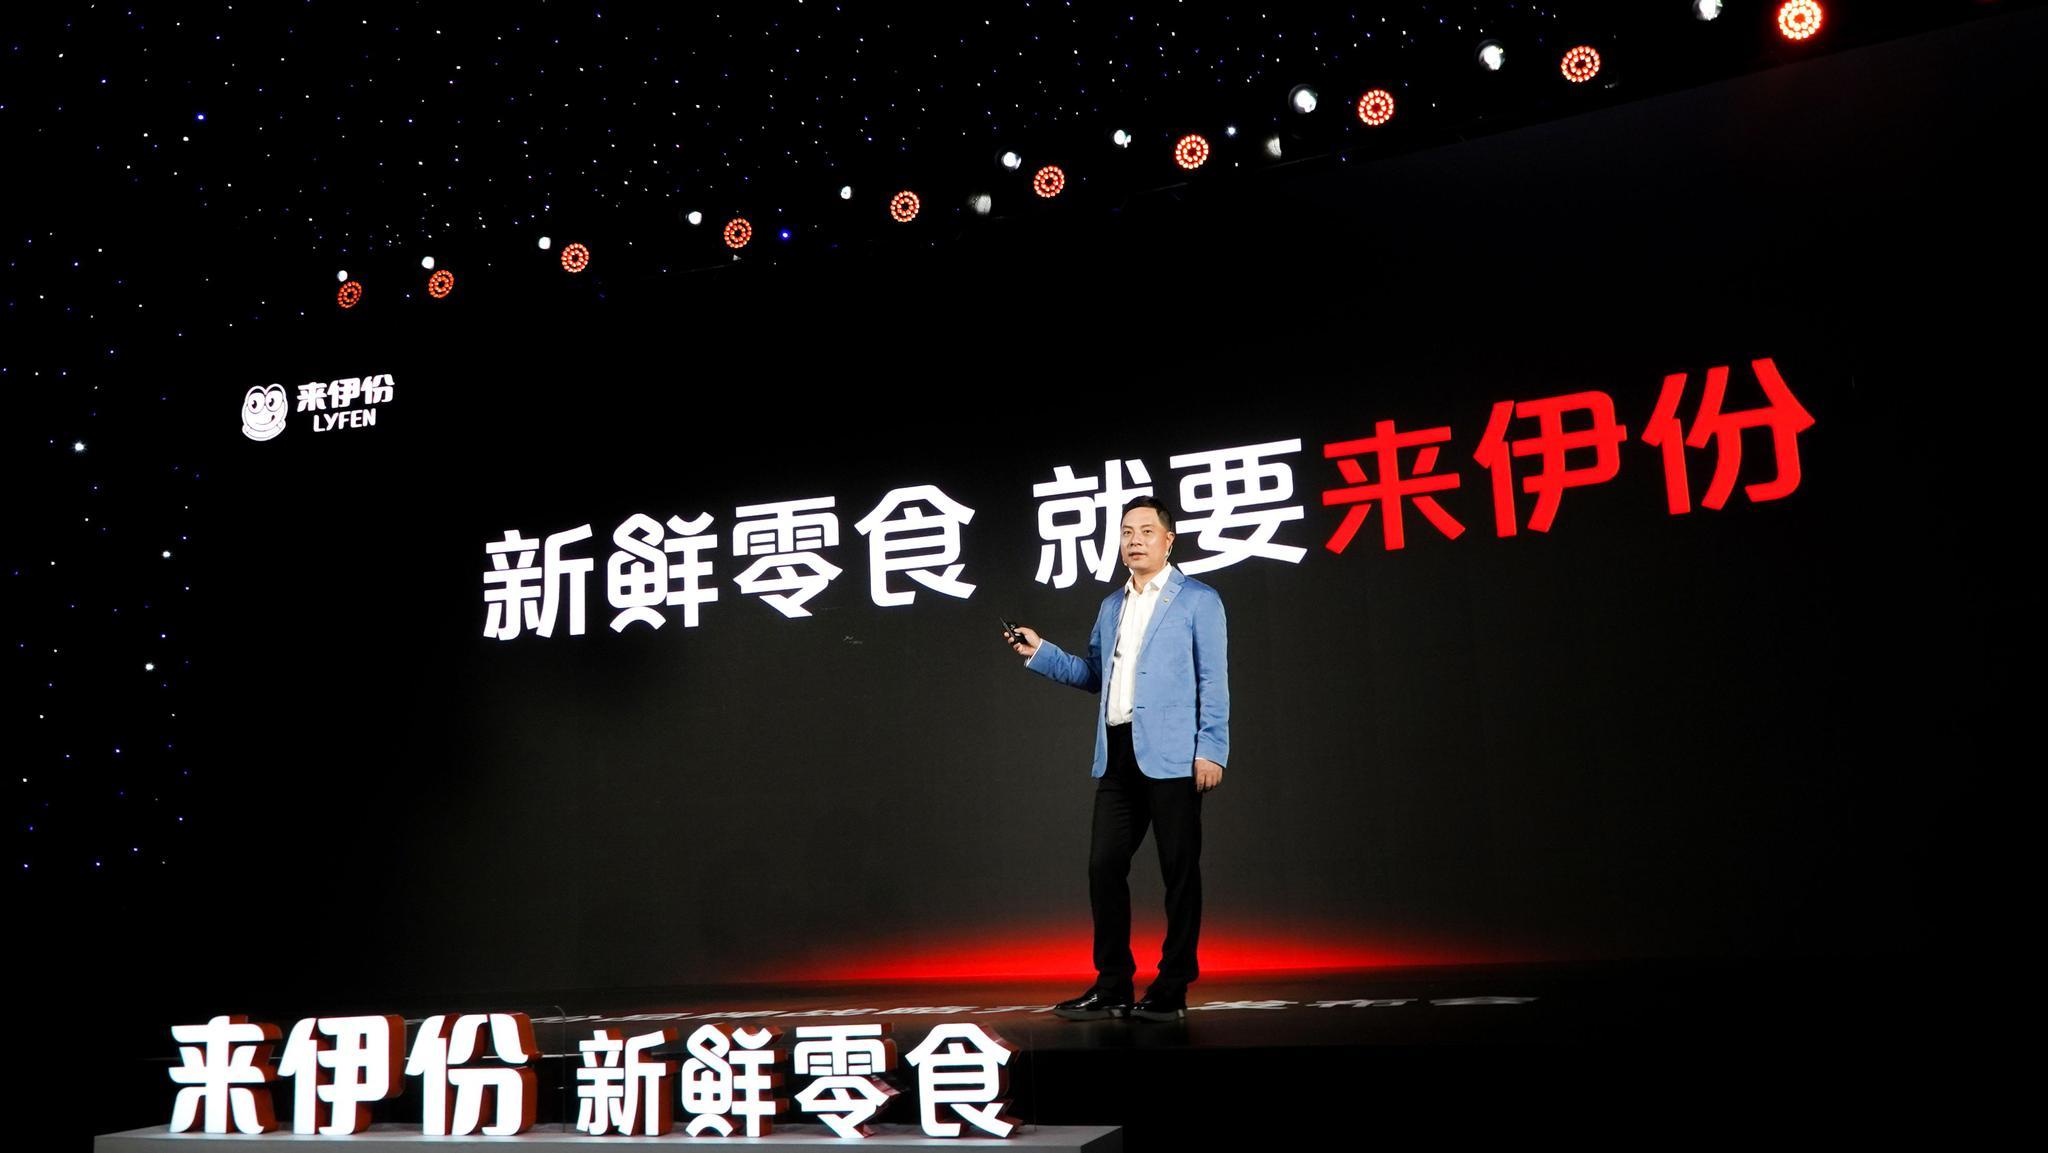 来伊份发布新鲜零食品牌战略,王一博成为全新代言人图片